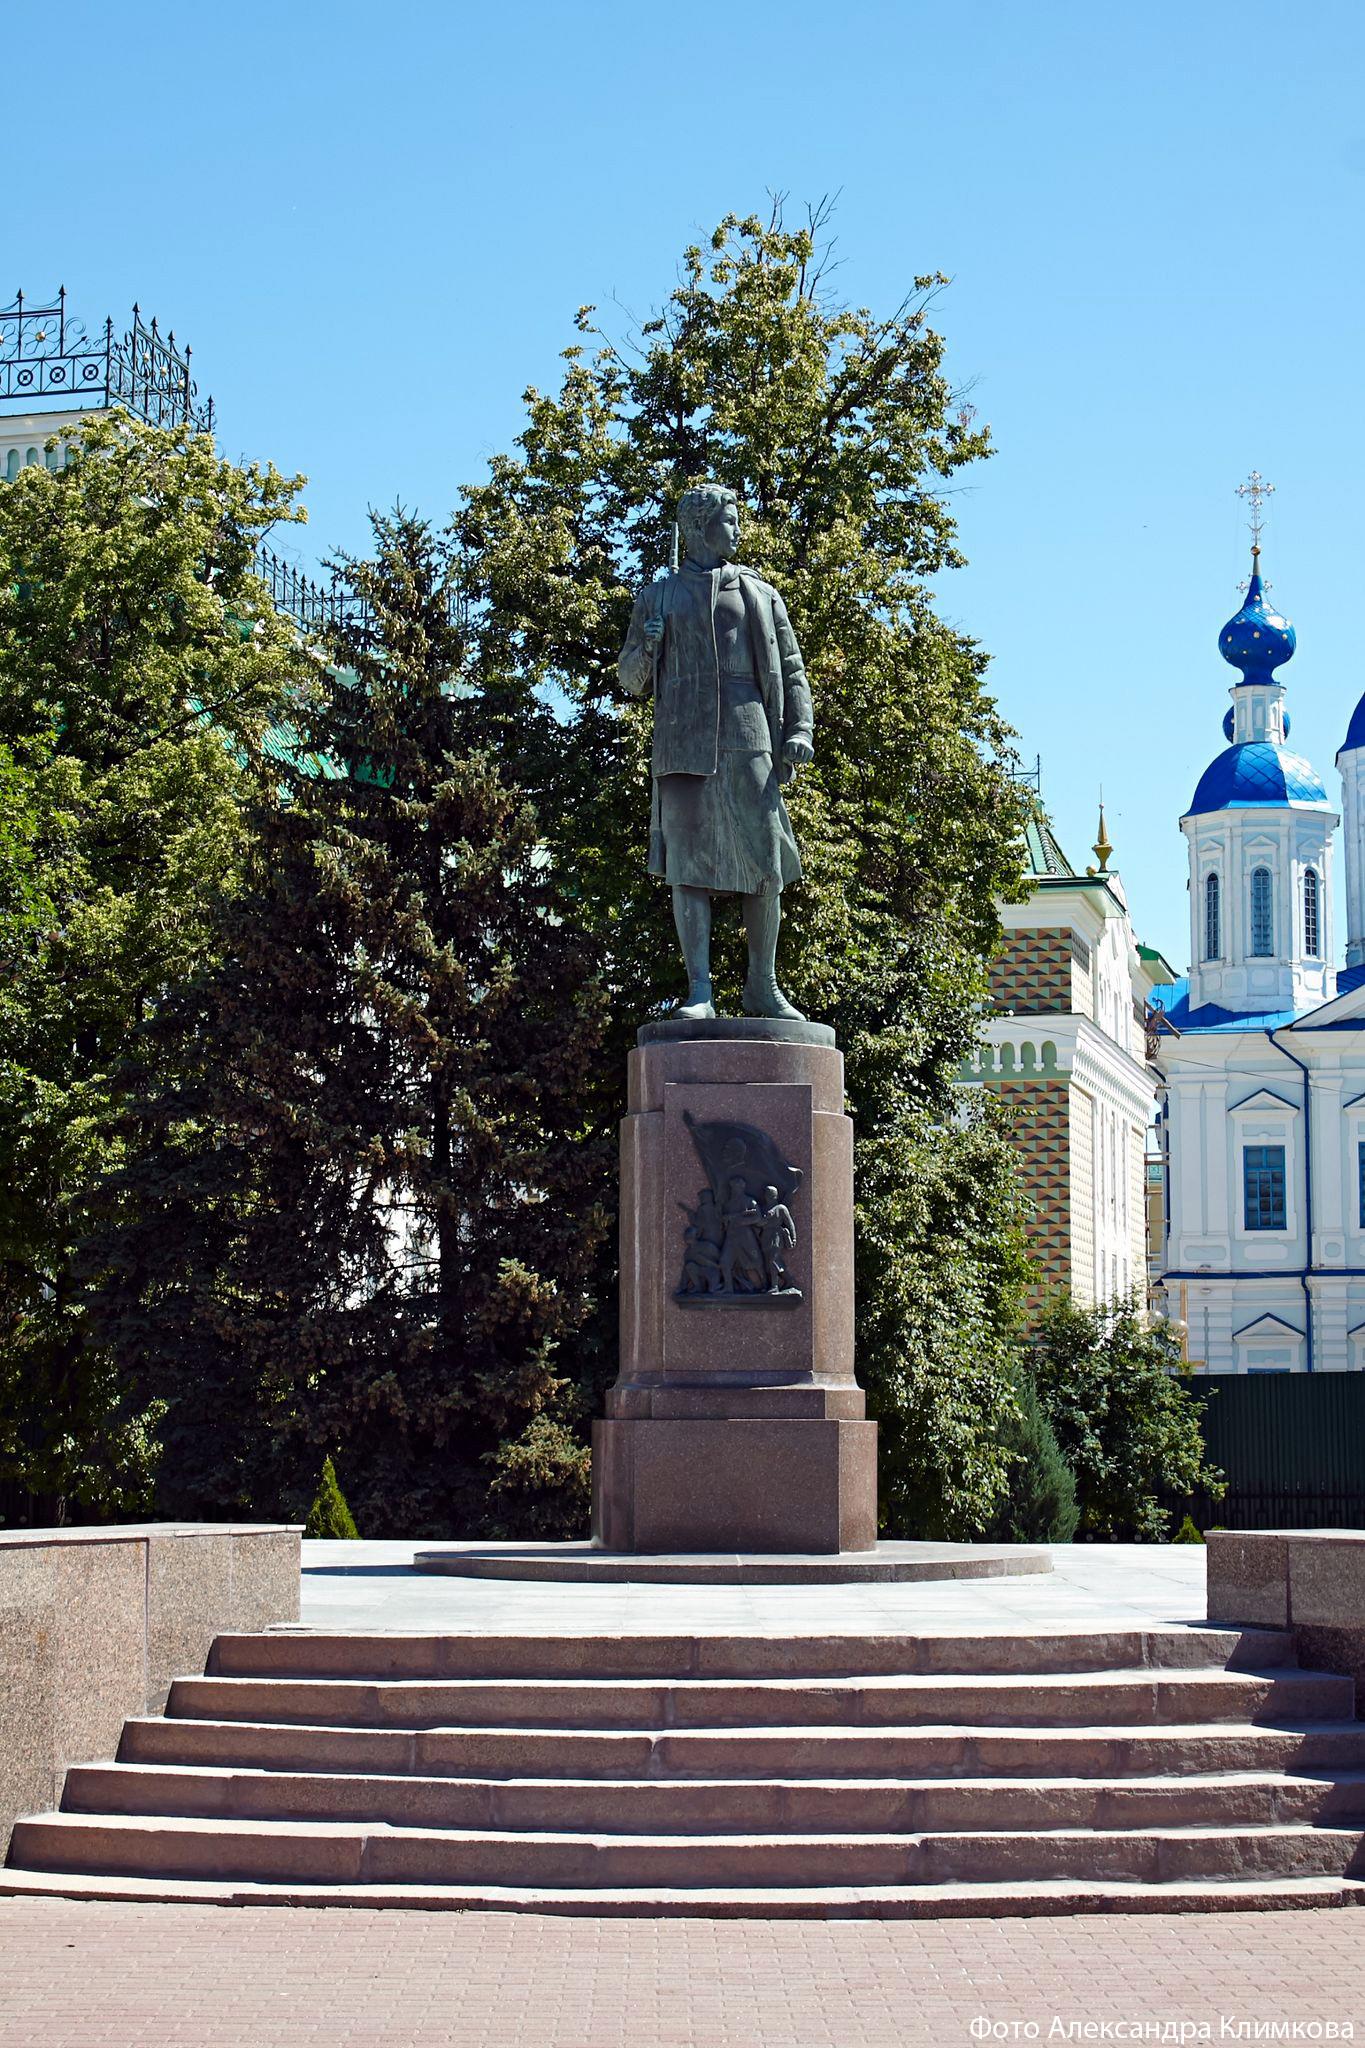 М.Г. Манизер. Памятник Зое Космодемьянской. Тамбов. Фото 2019 года